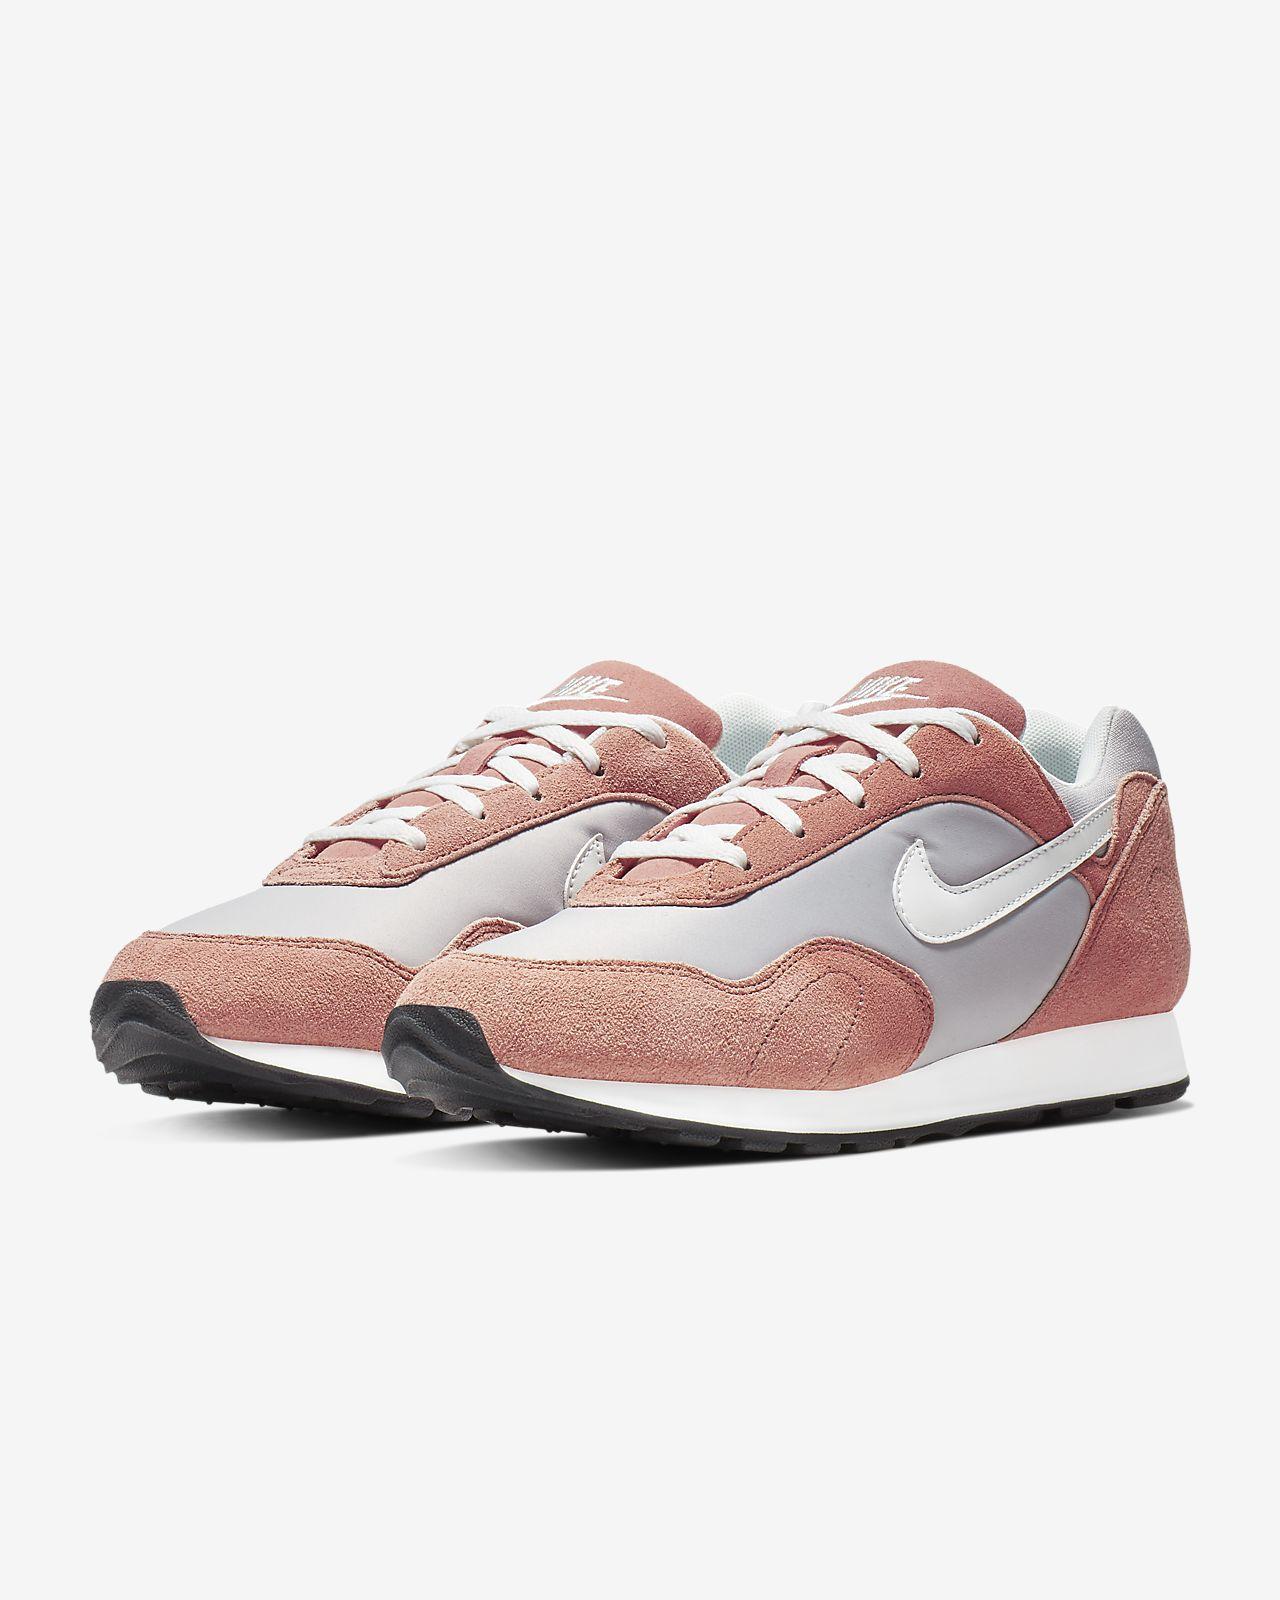 96276f2563 Low Resolution Nike Outburst Women's Shoe Nike Outburst Women's Shoe